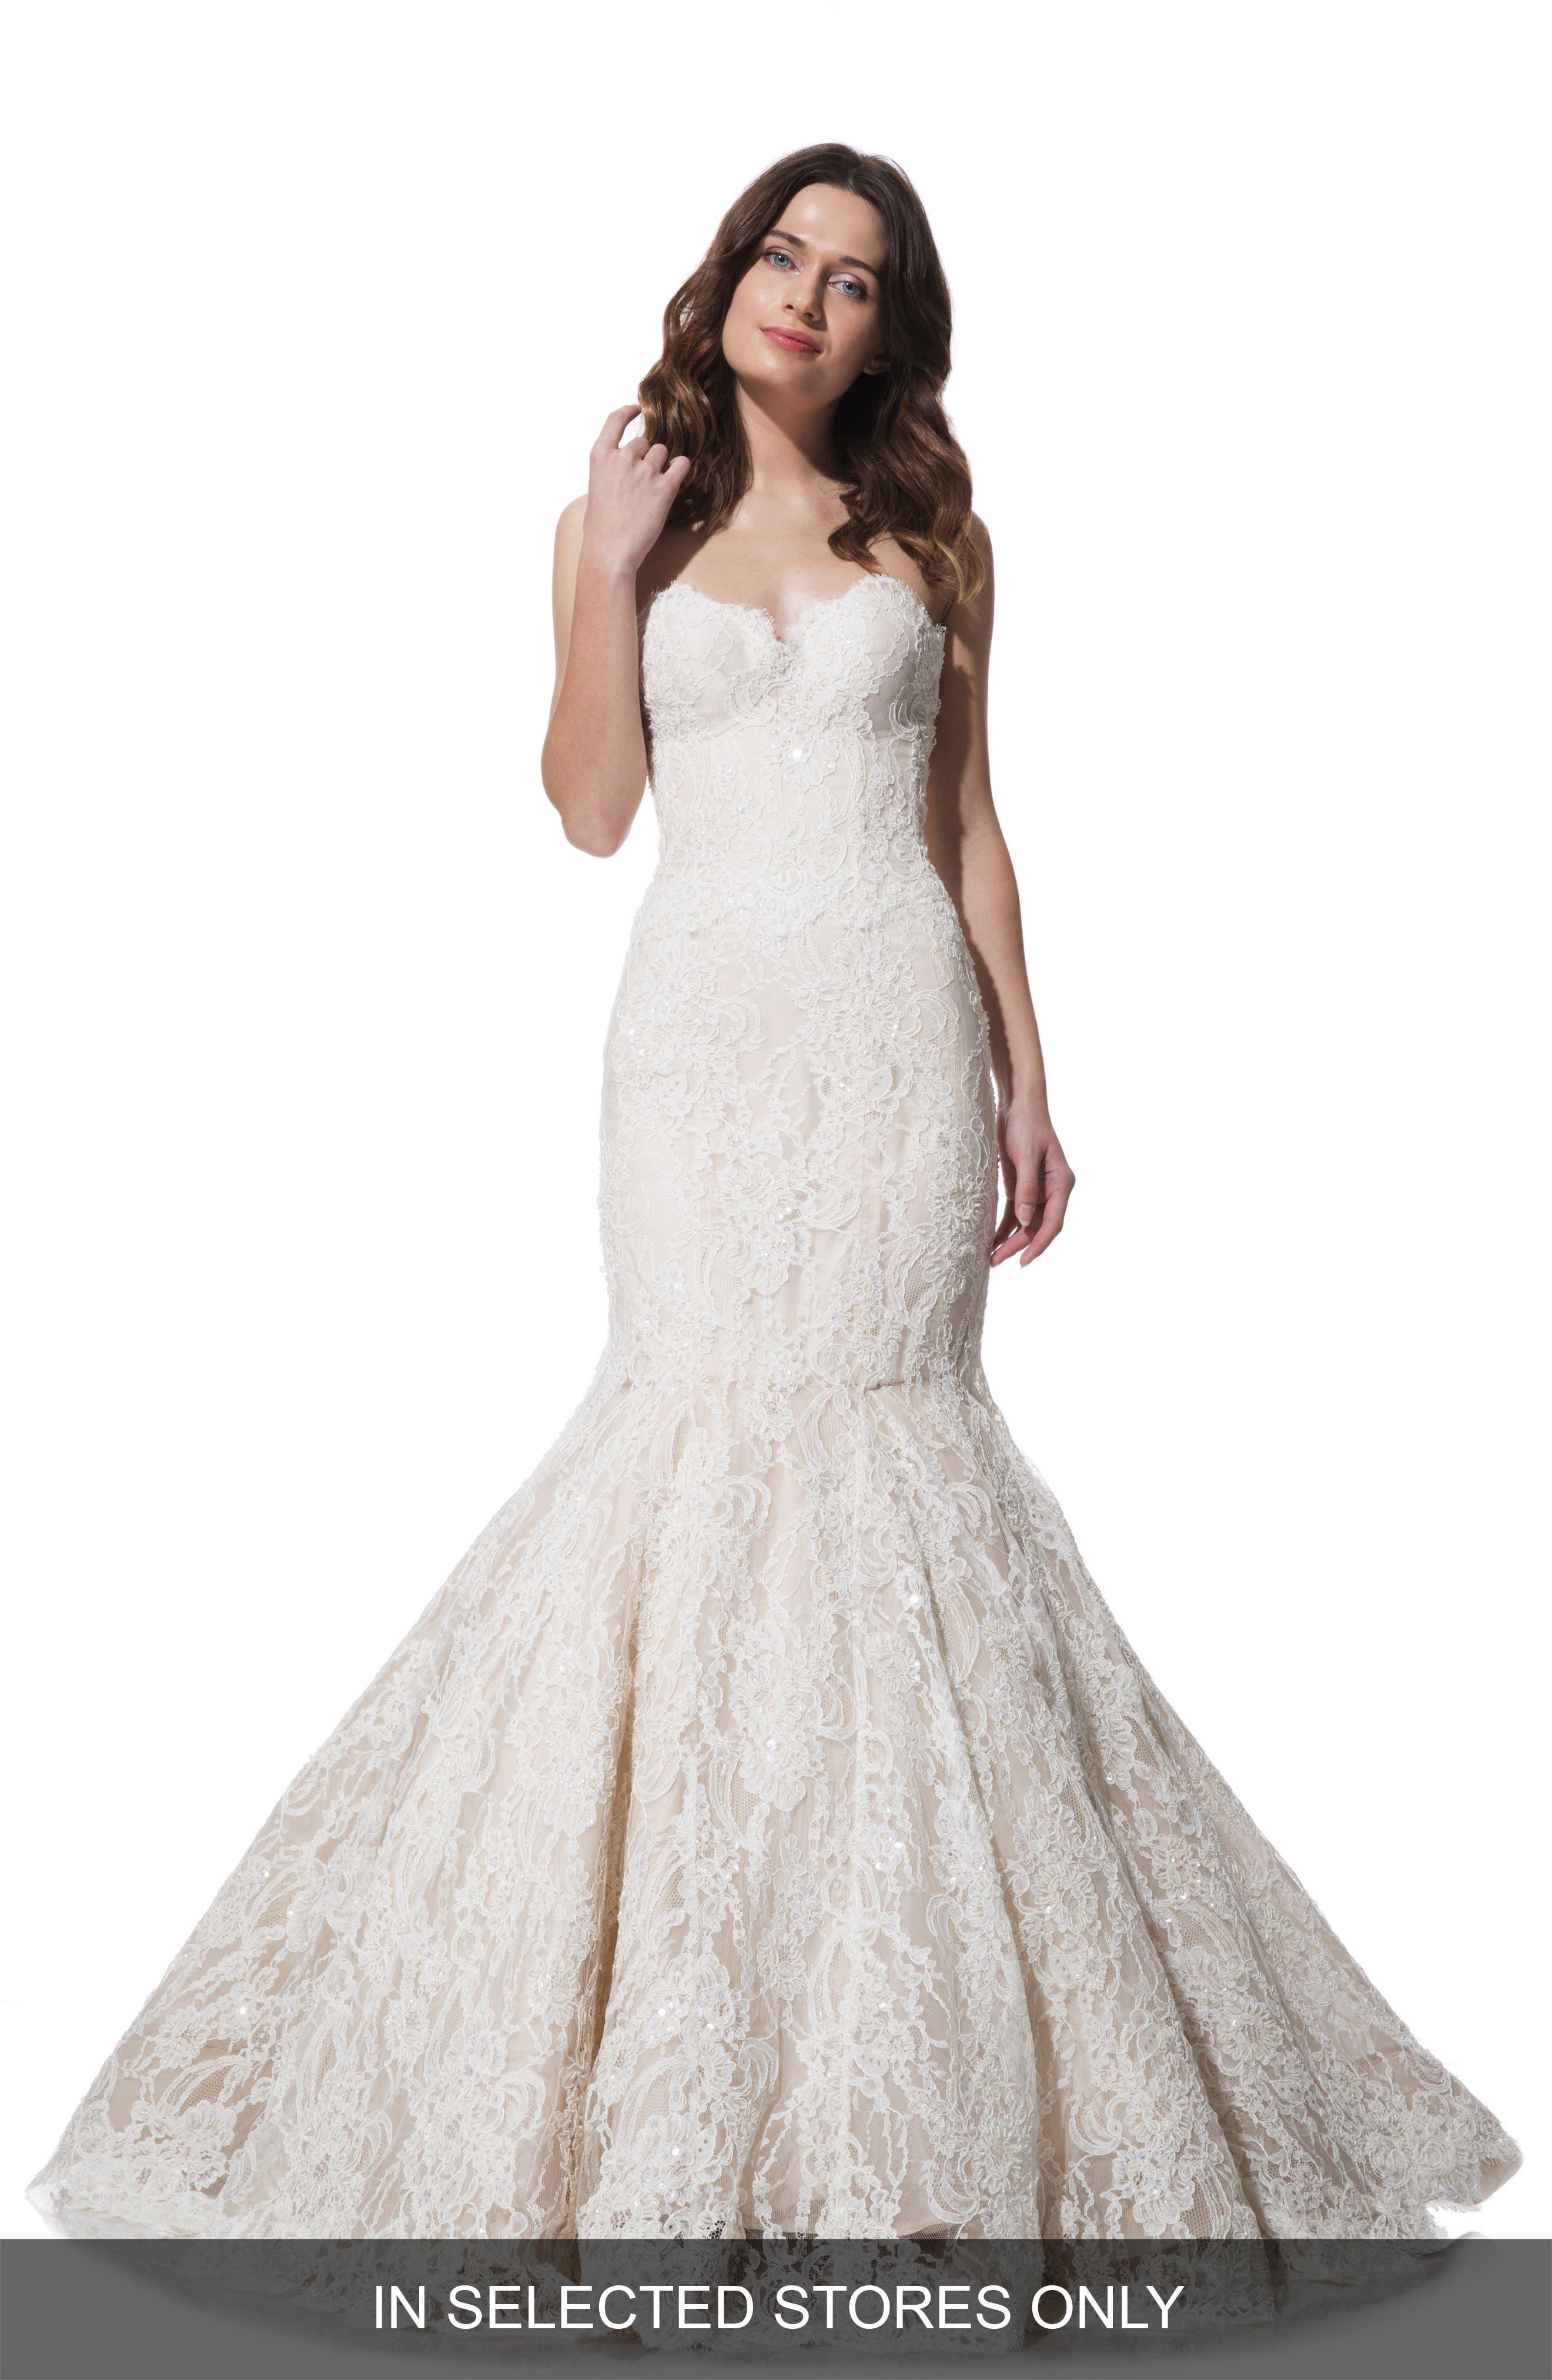 Olia Zavozina 'Anya' Beaded Lace Mermaid Dress (In Stores Only)